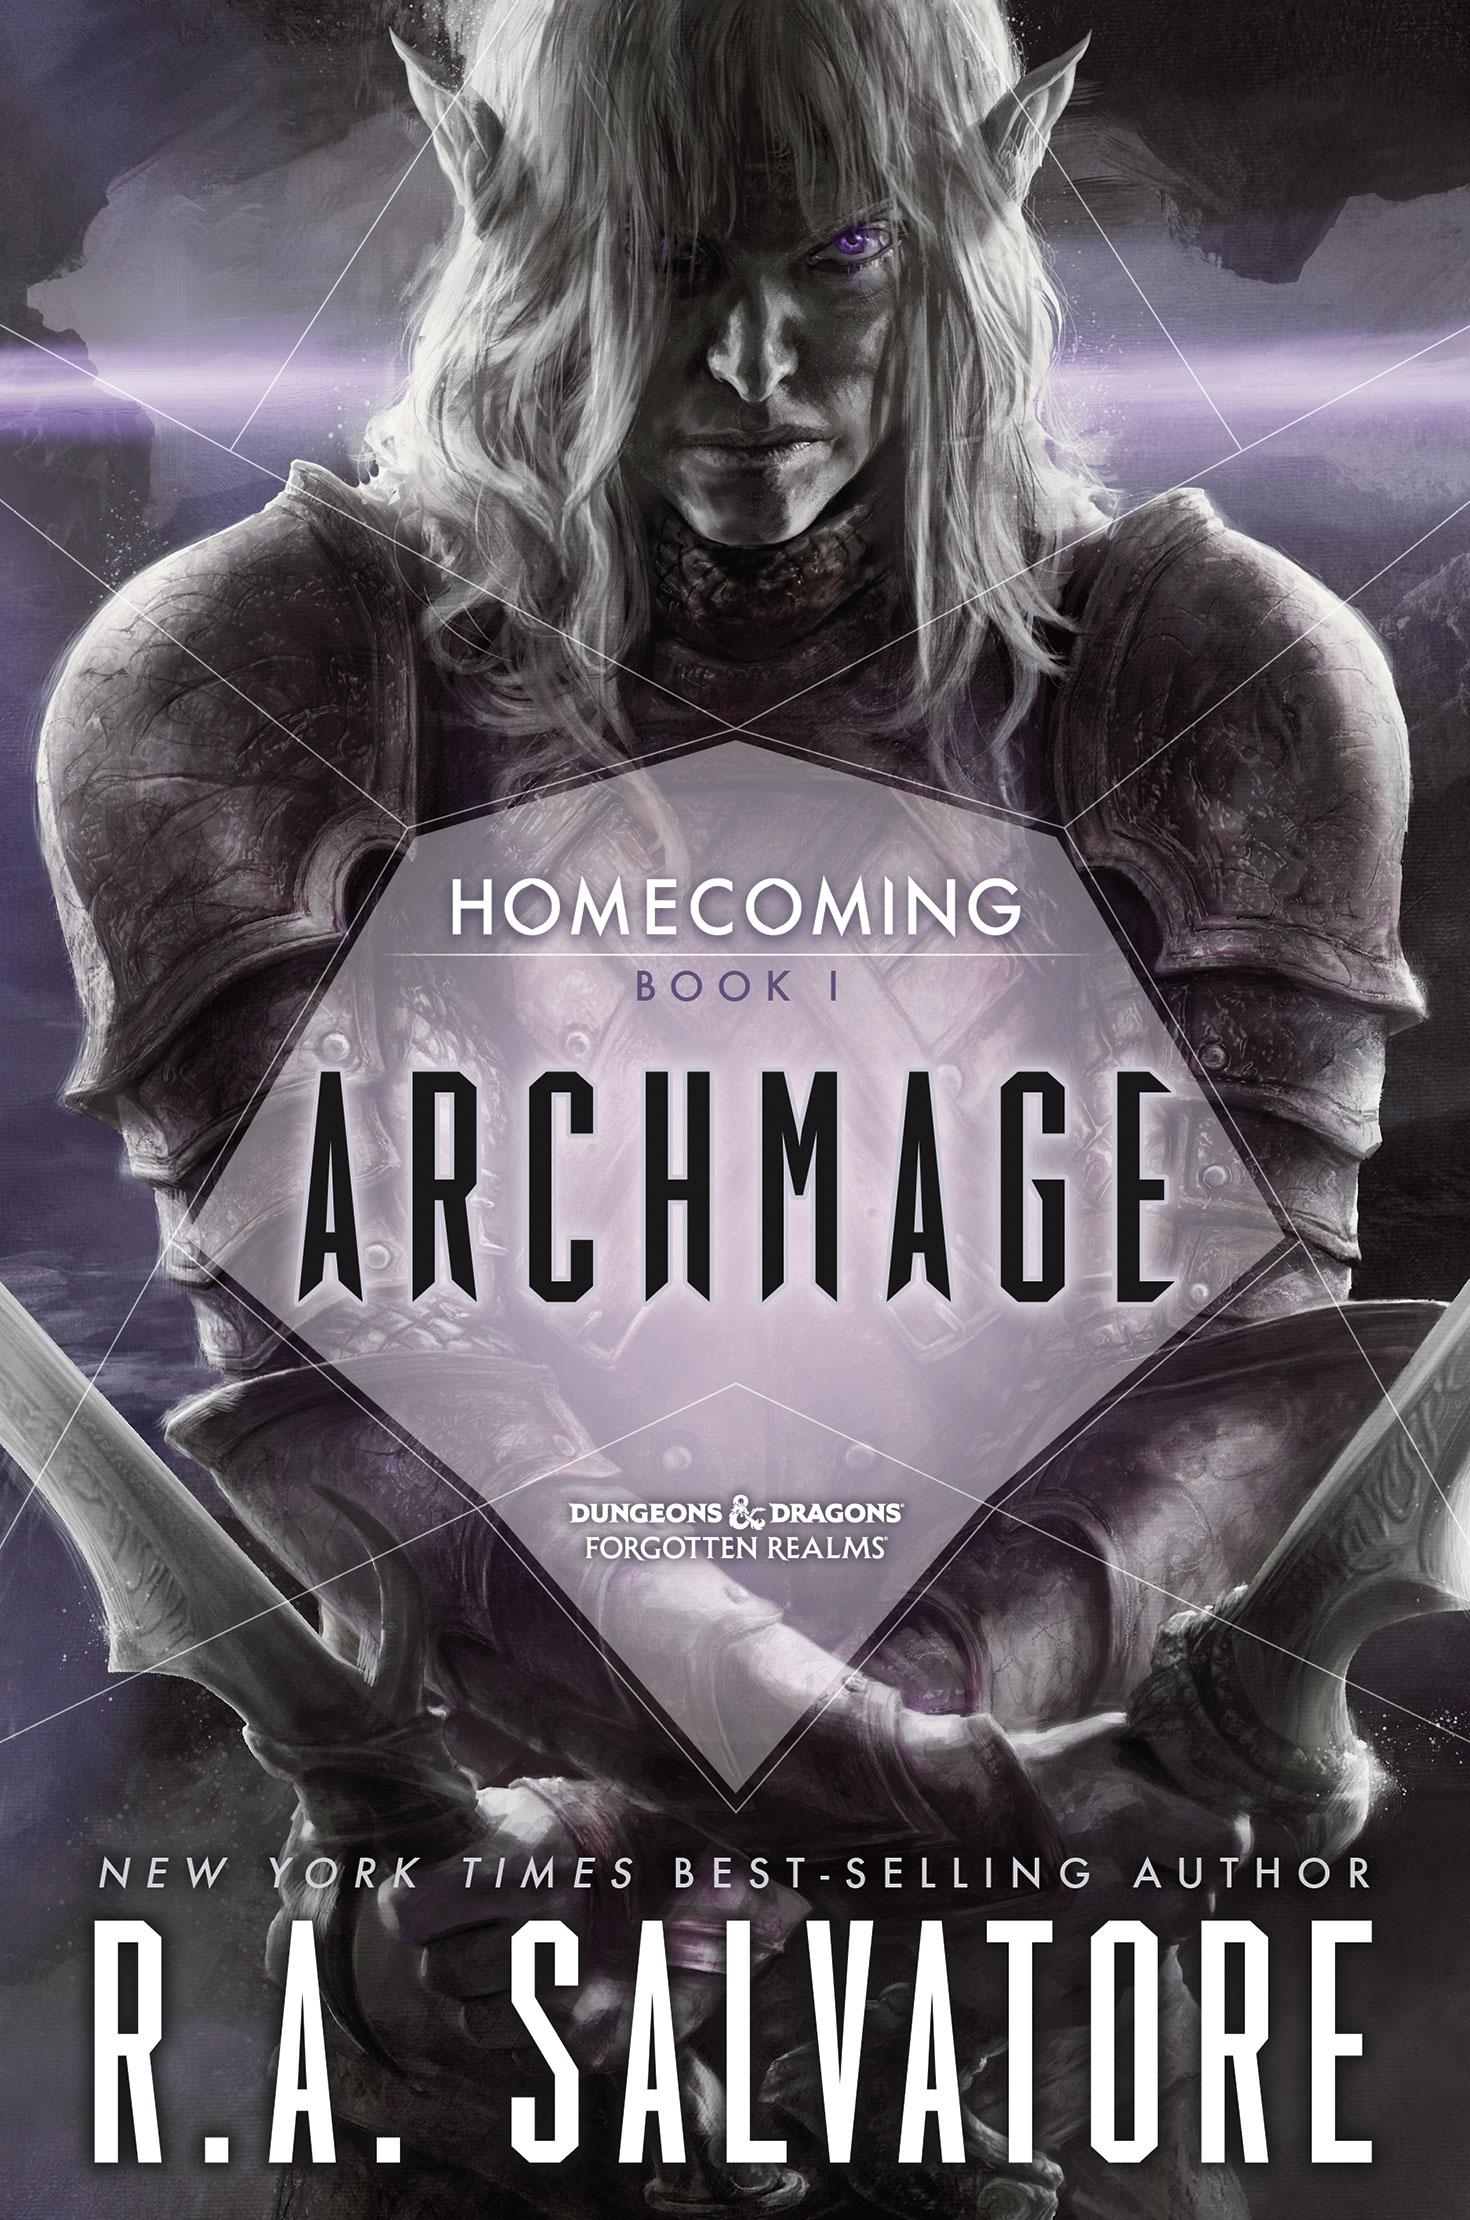 Archmage (novel) | Forgotten Realms Wiki | FANDOM powered by Wikia